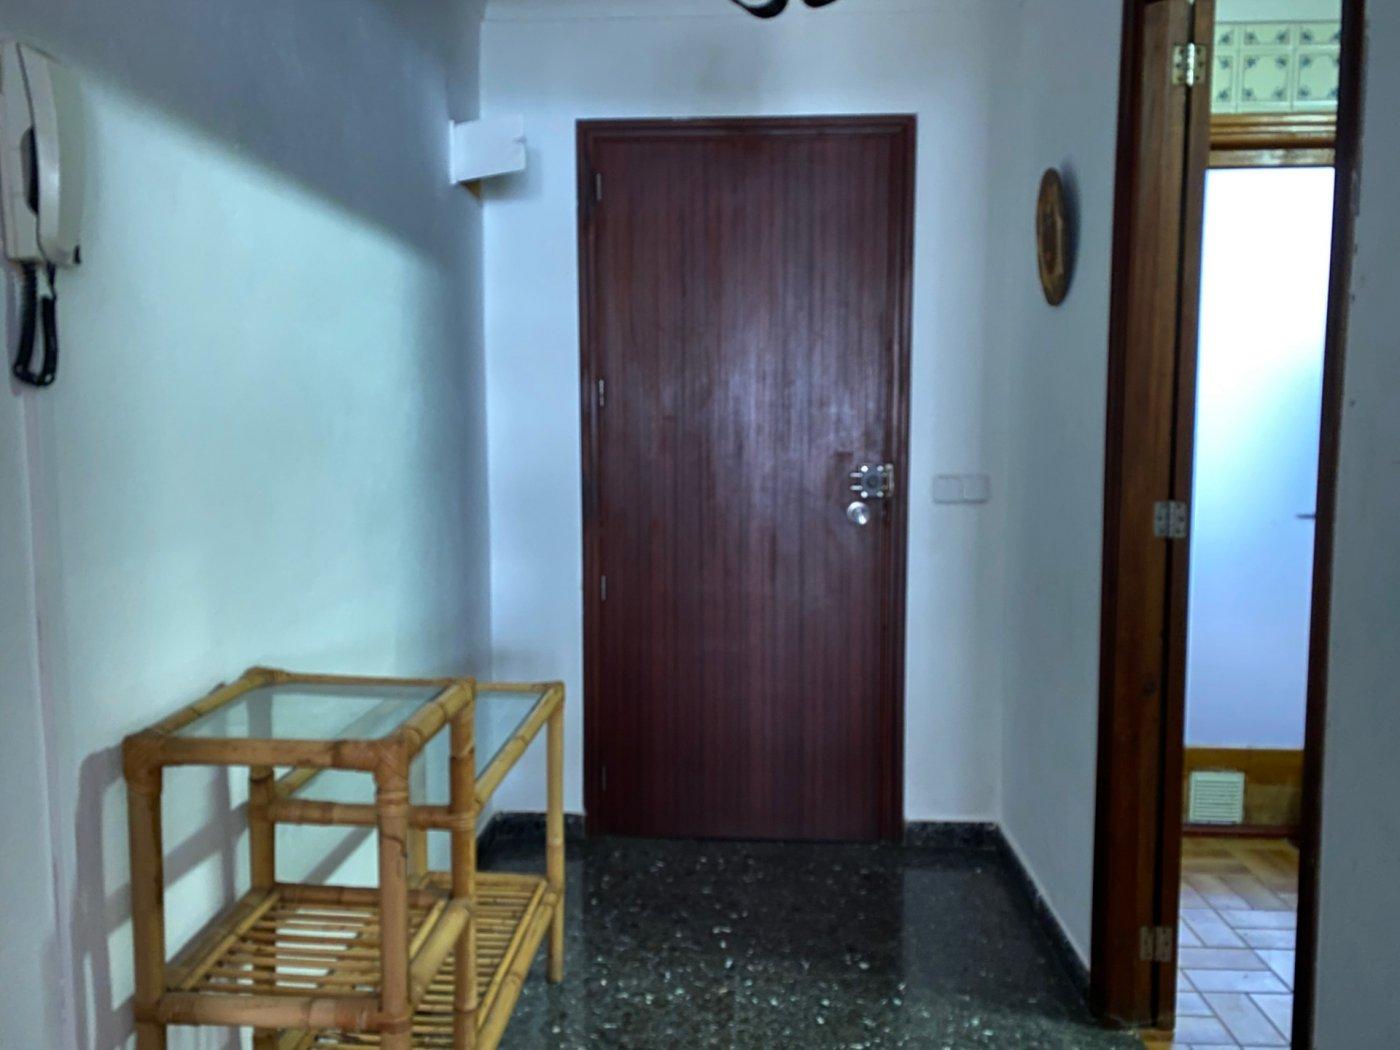 Espacioso piso a la venta en puerto pollensa - imagenInmueble17